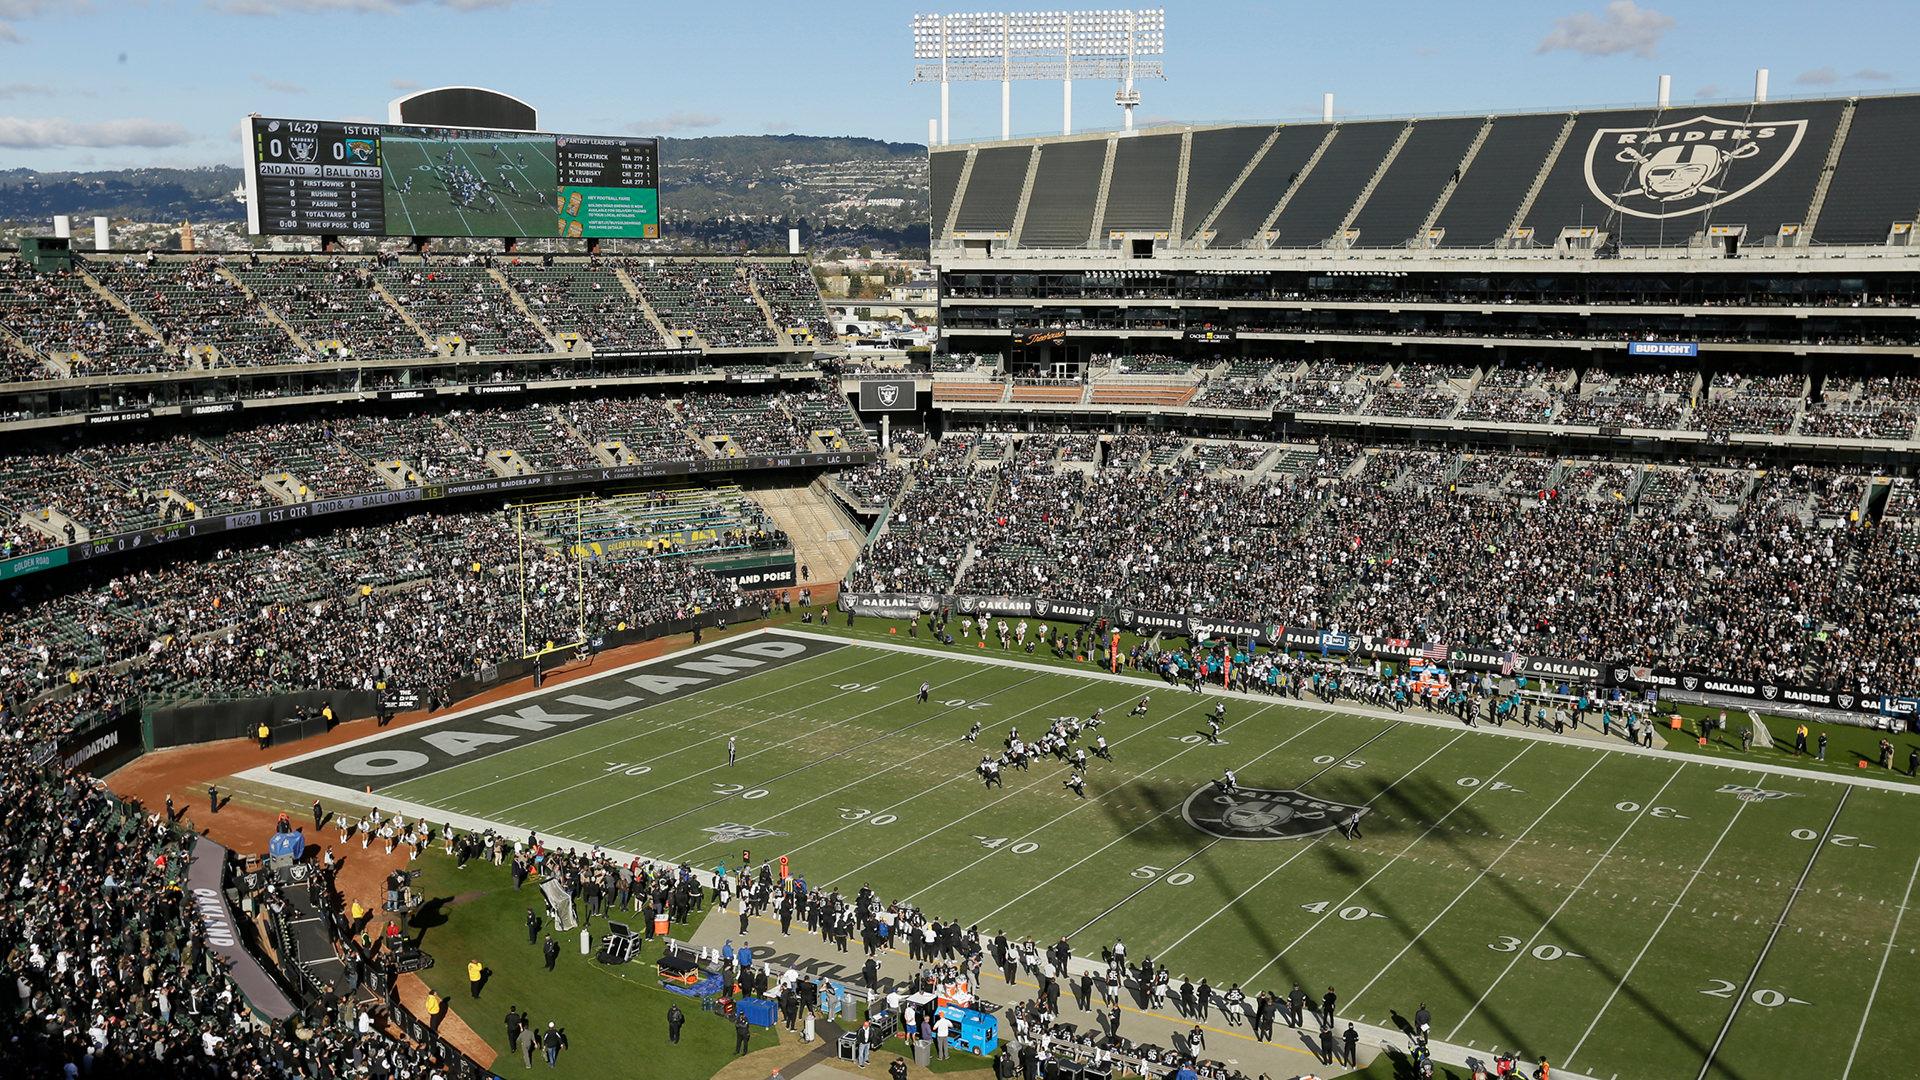 Por que King considera Raiders deixar Oakland 'uma farsa' – NBCSports.com